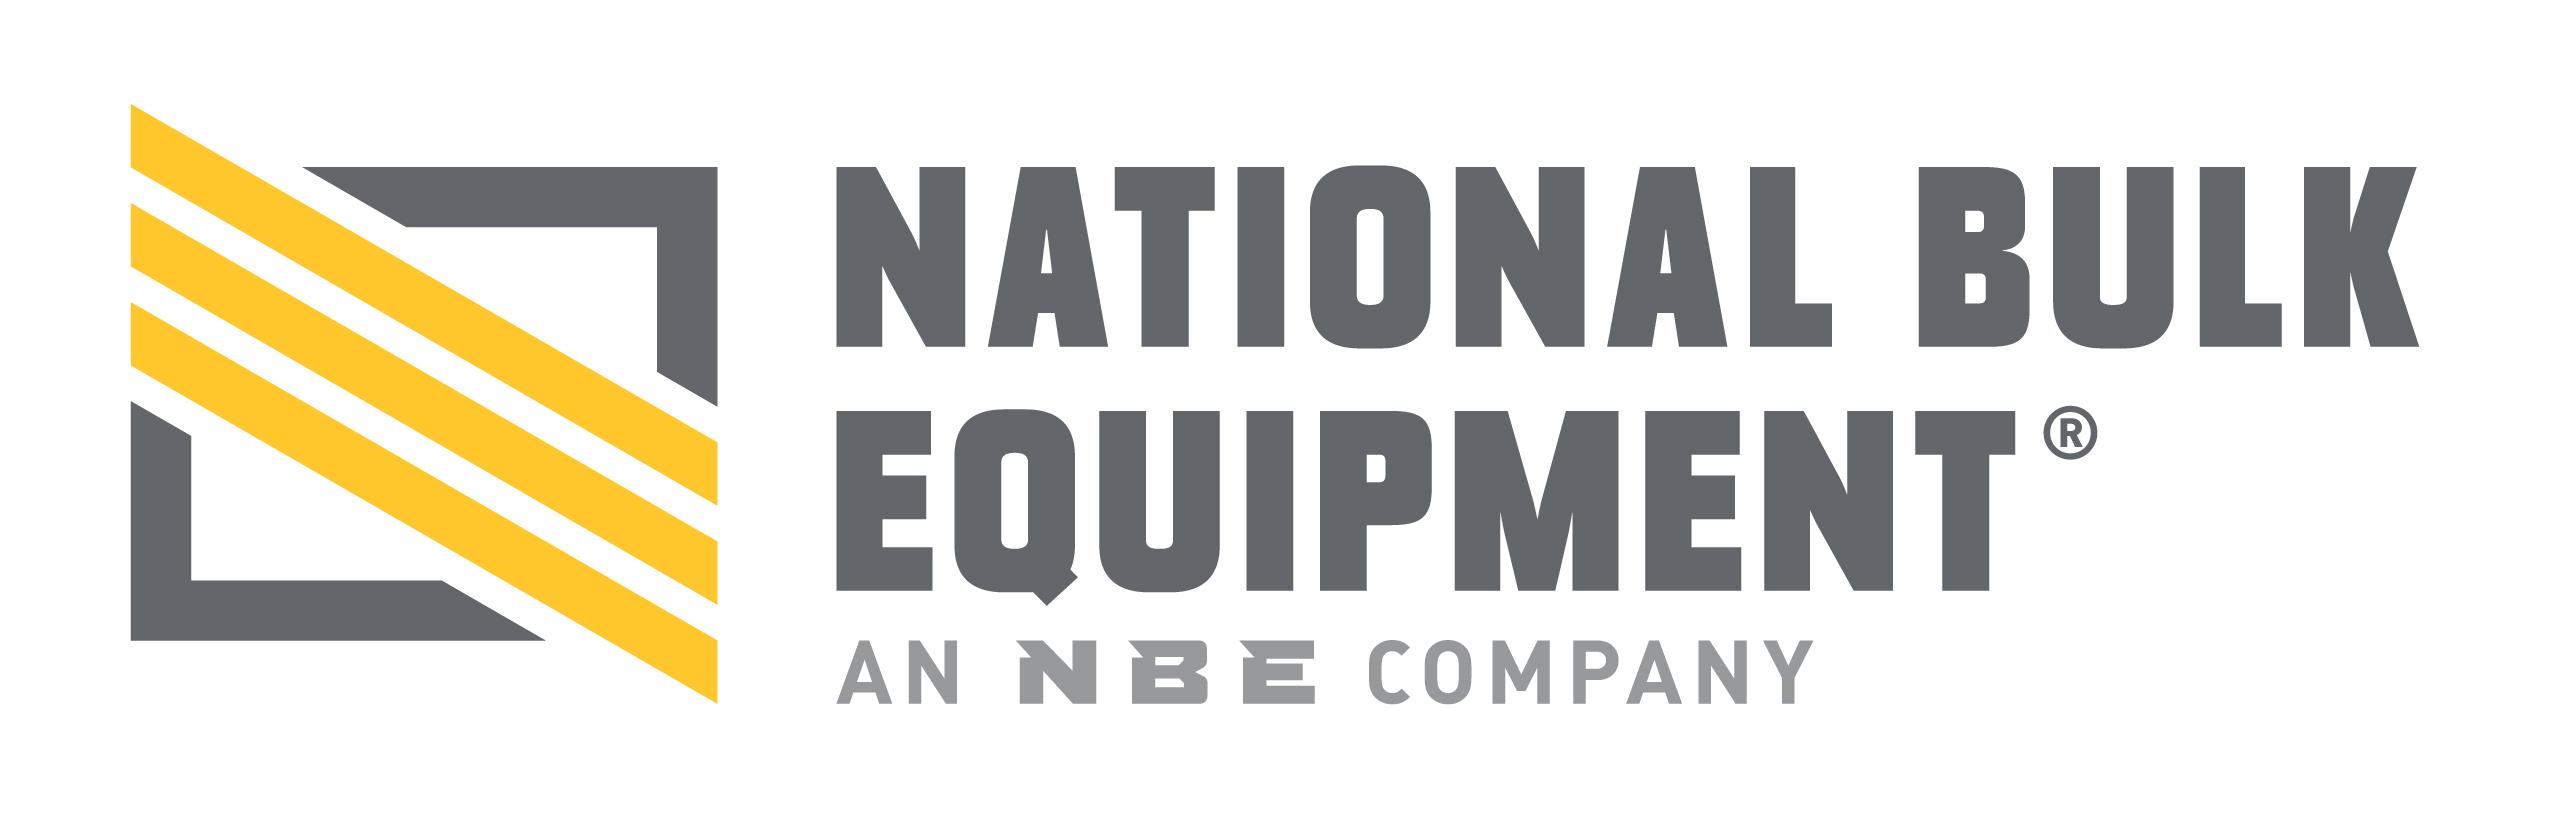 National Bulk Equipment